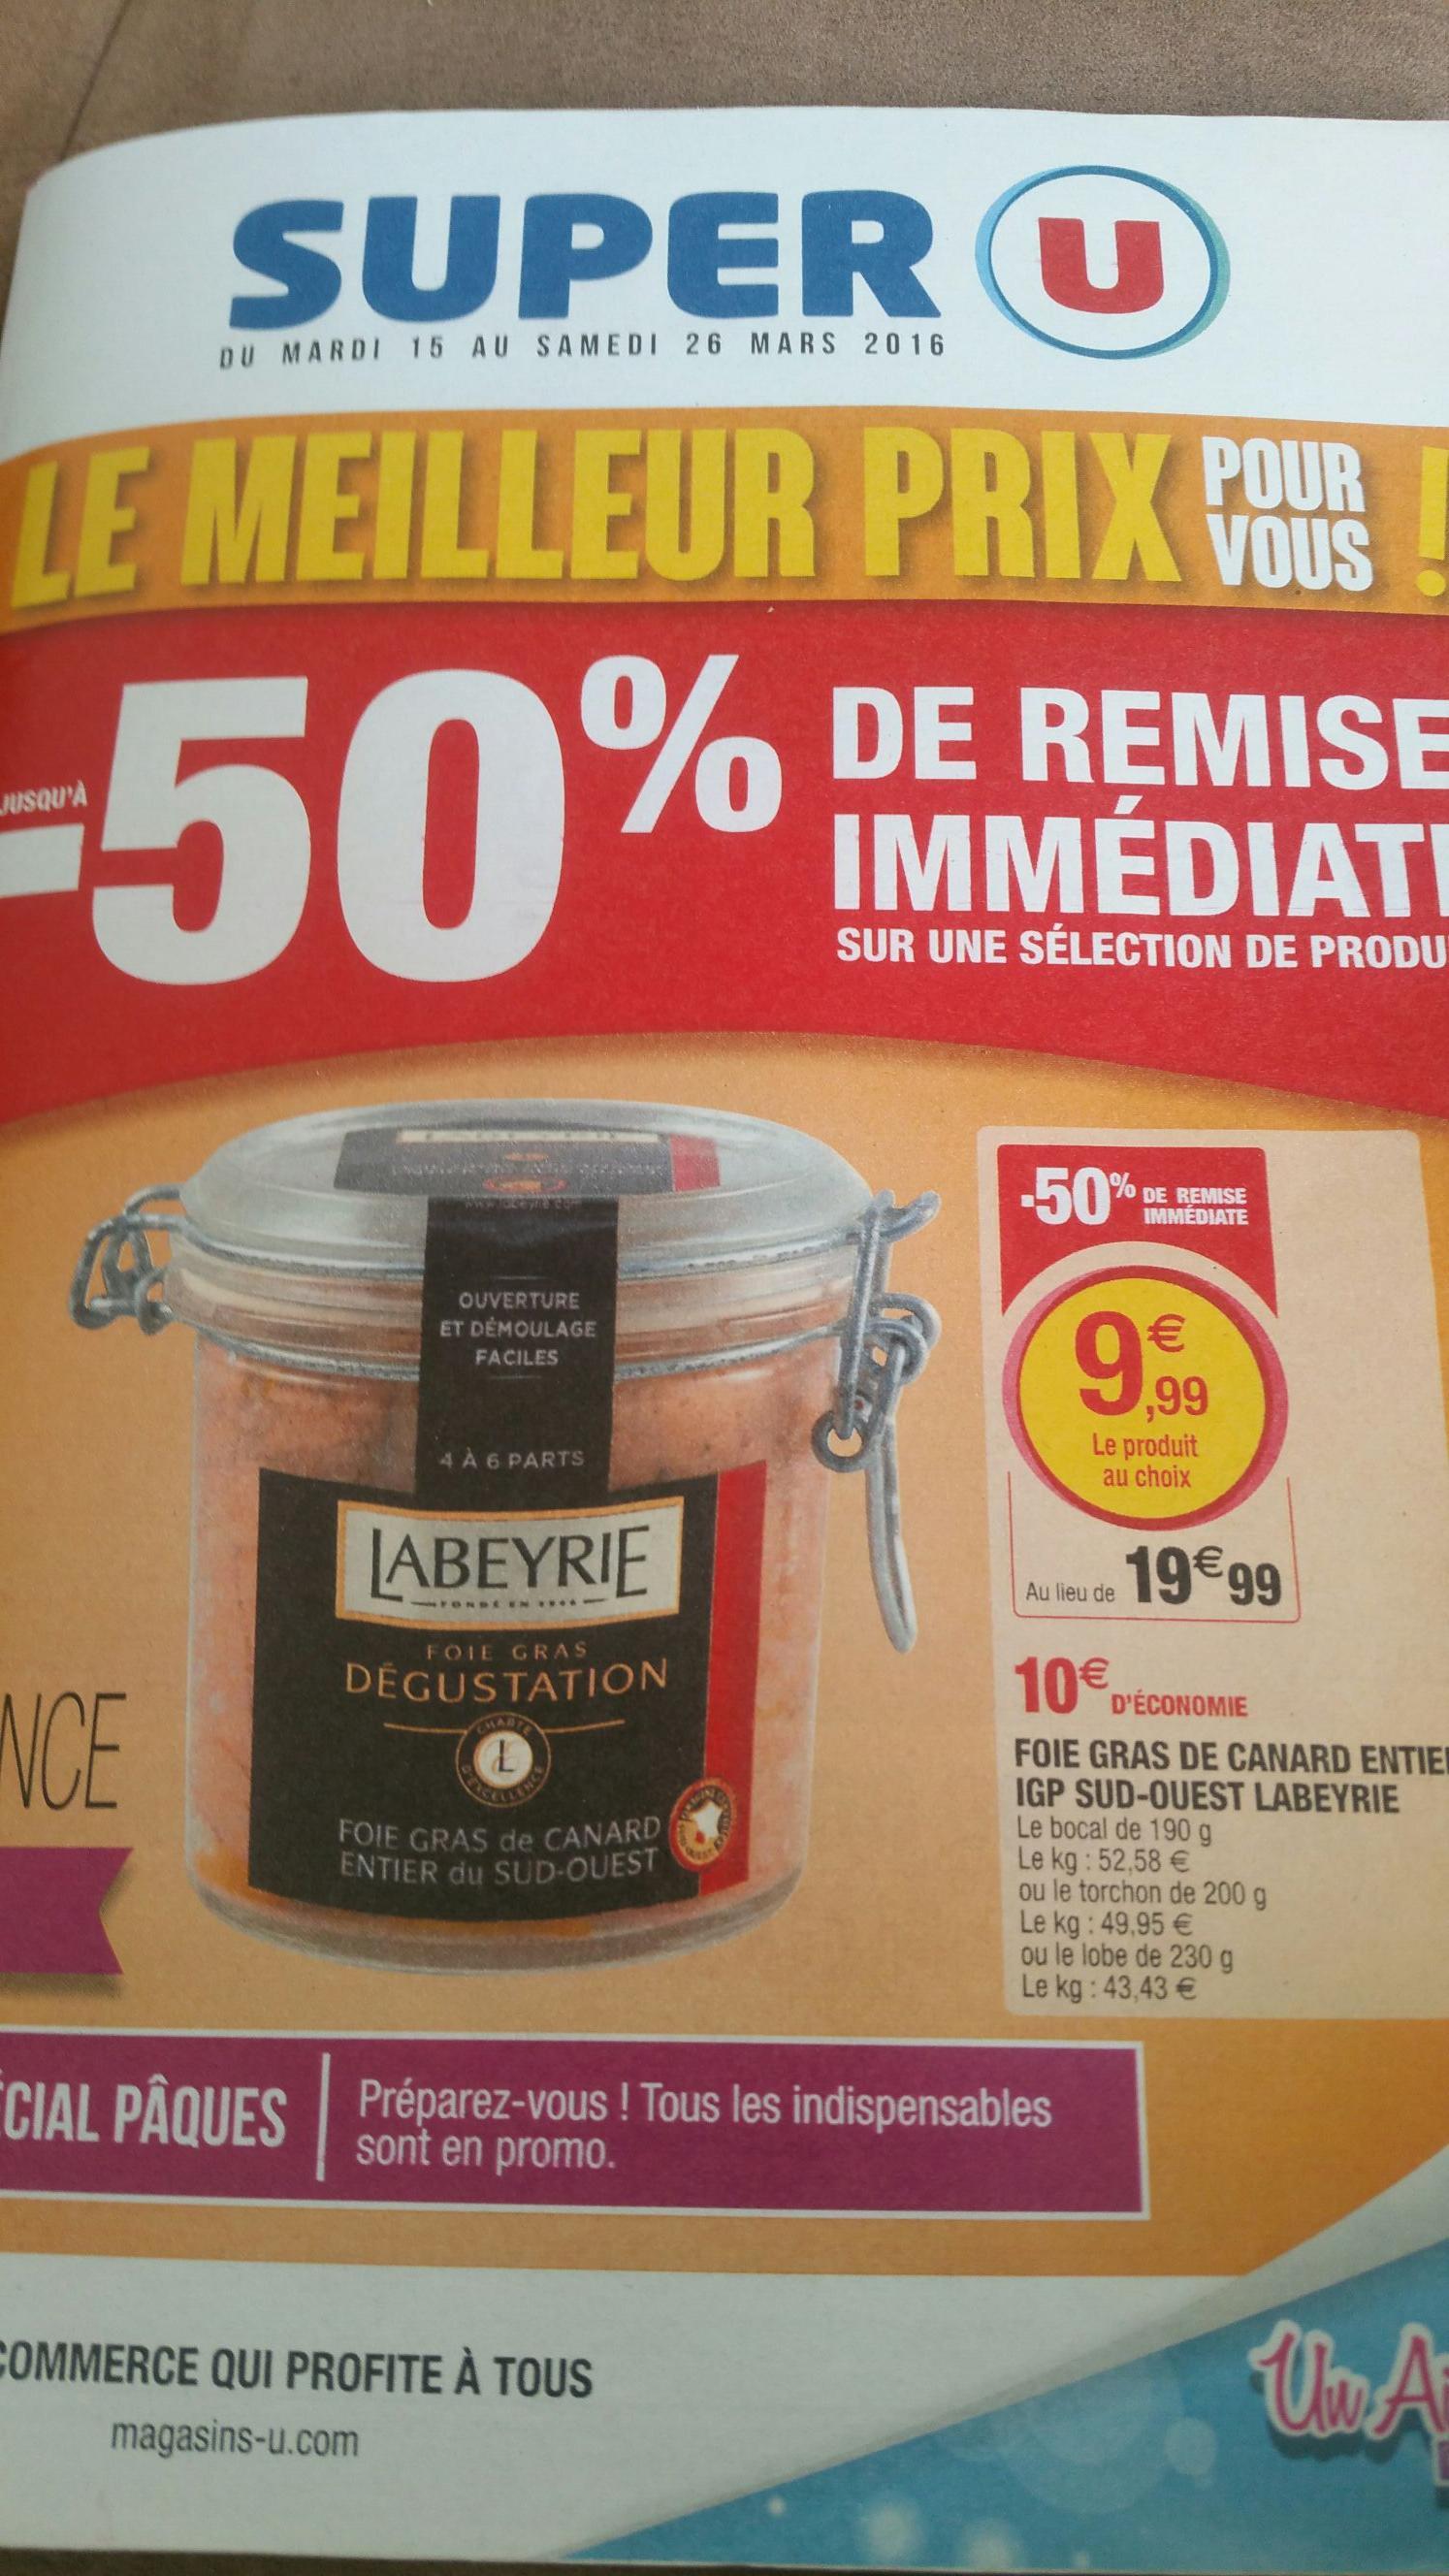 Sélections de foies gras en promo - Ex : Bocal de Foie gras Labeyrie - 200g